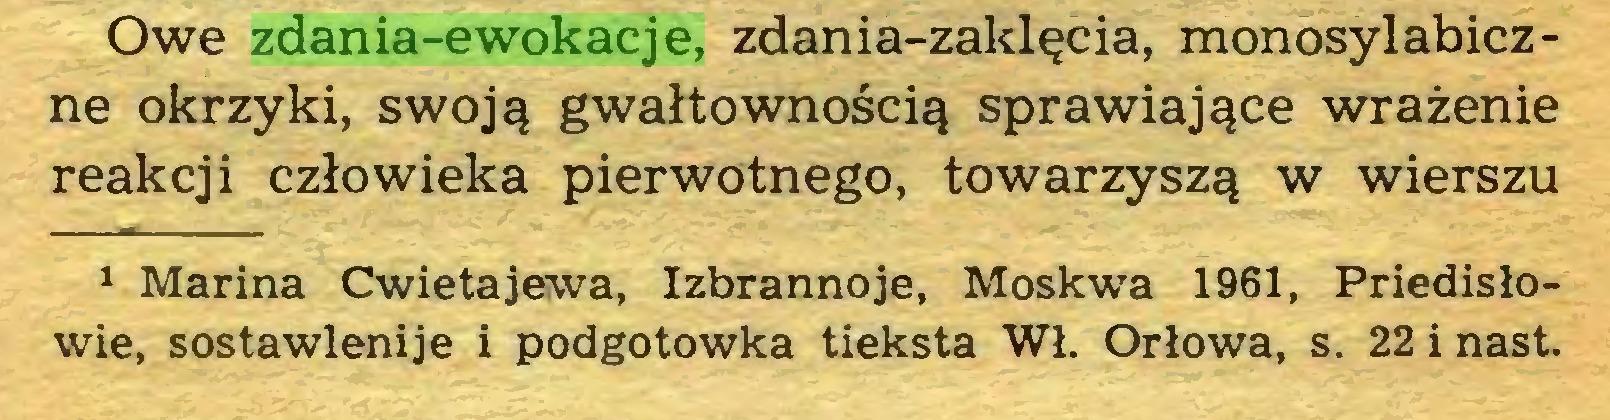 (...) Owe zdania-ewokacje, zdania-zaklęcia, monosylabiczne okrzyki, swoją gwałtownością sprawiające wrażenie reakcji człowieka pierwotnego, towarzyszą w wierszu 1 Marina Cwietajewa, Izbrannoje, Moskwa 1961, Priedisłowie, sostawlenije i podgotowka tieksta Wł. Orłowa, s. 22 i nast...